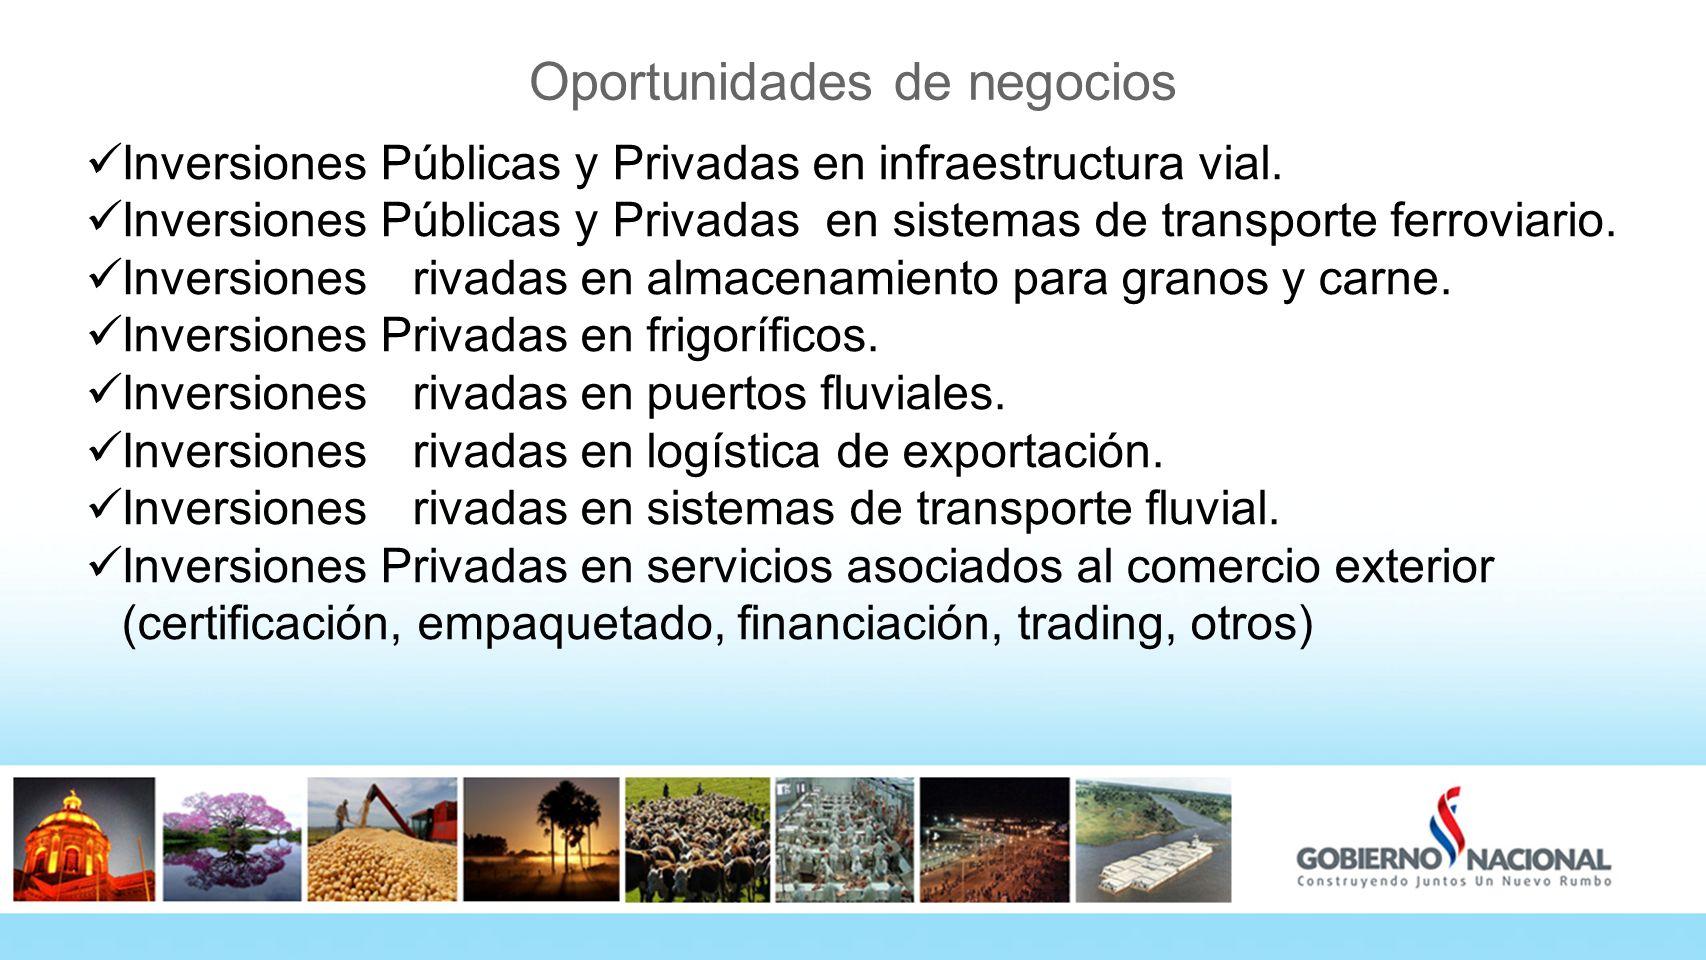 Oportunidades de negocios Inversiones Públicas y Privadas en infraestructura vial.